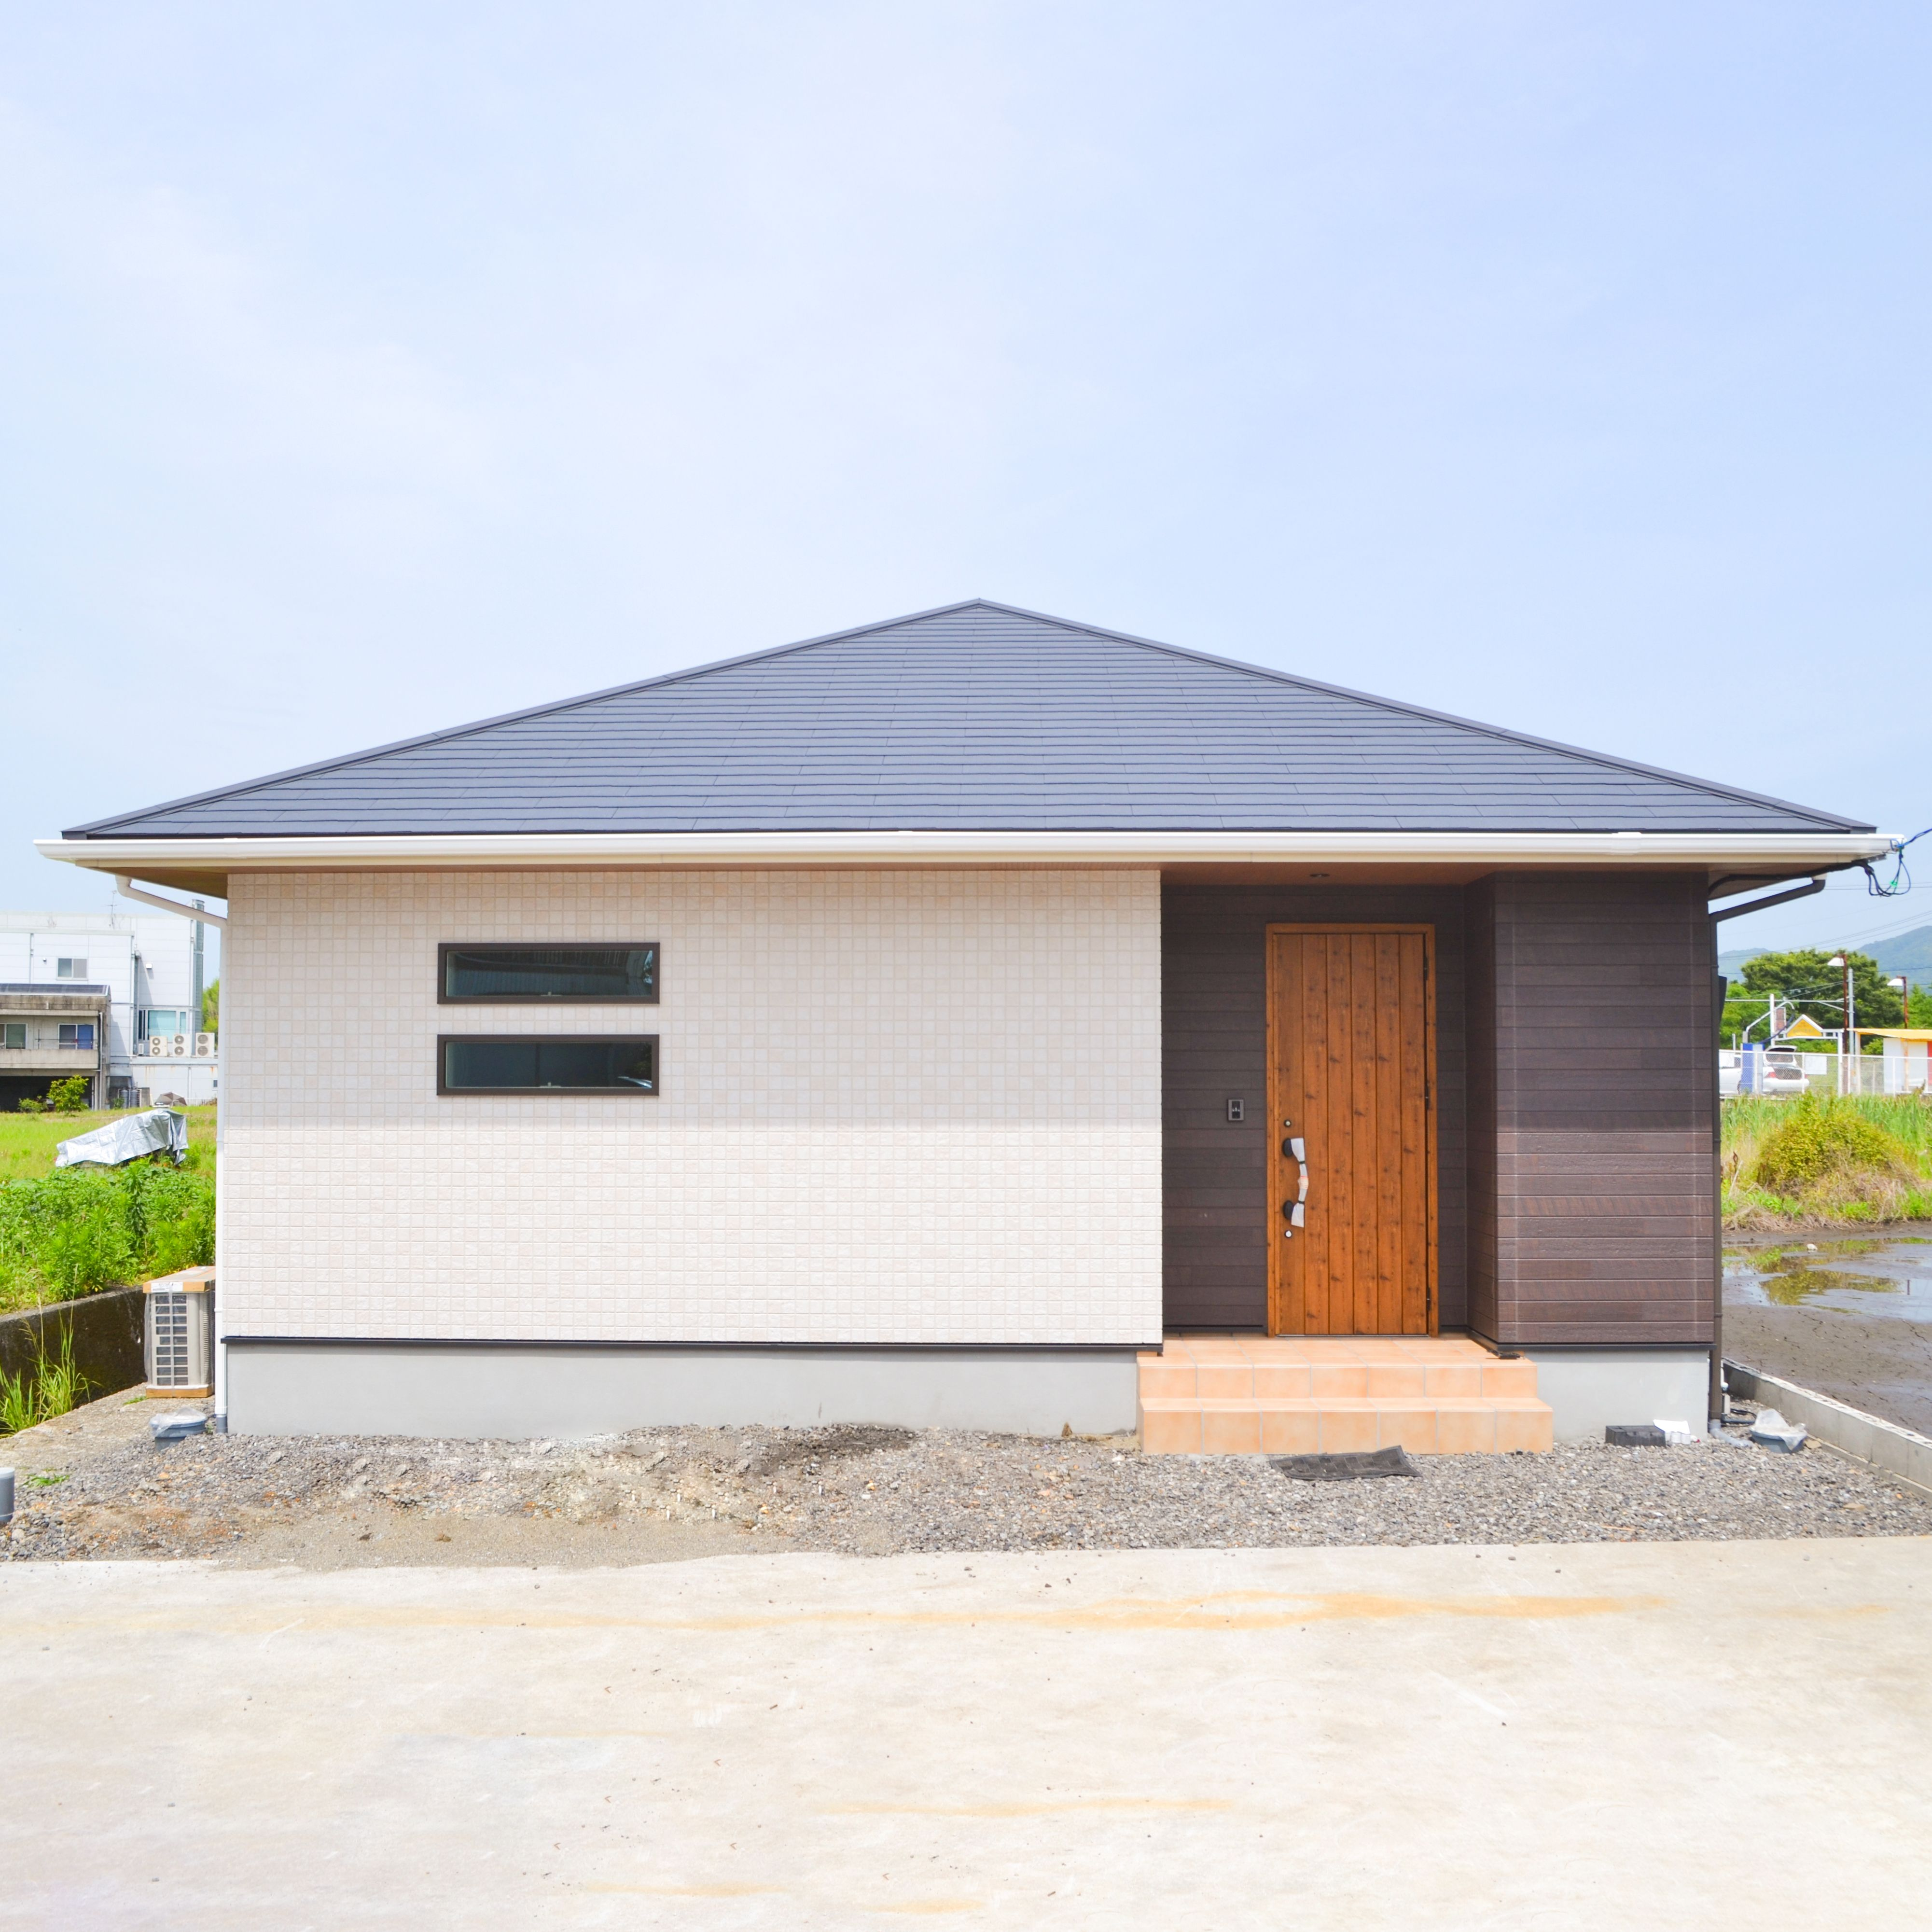 シンプルな平屋の家 平屋 外観 デザイン 平屋の家 平屋 寄棟 外観